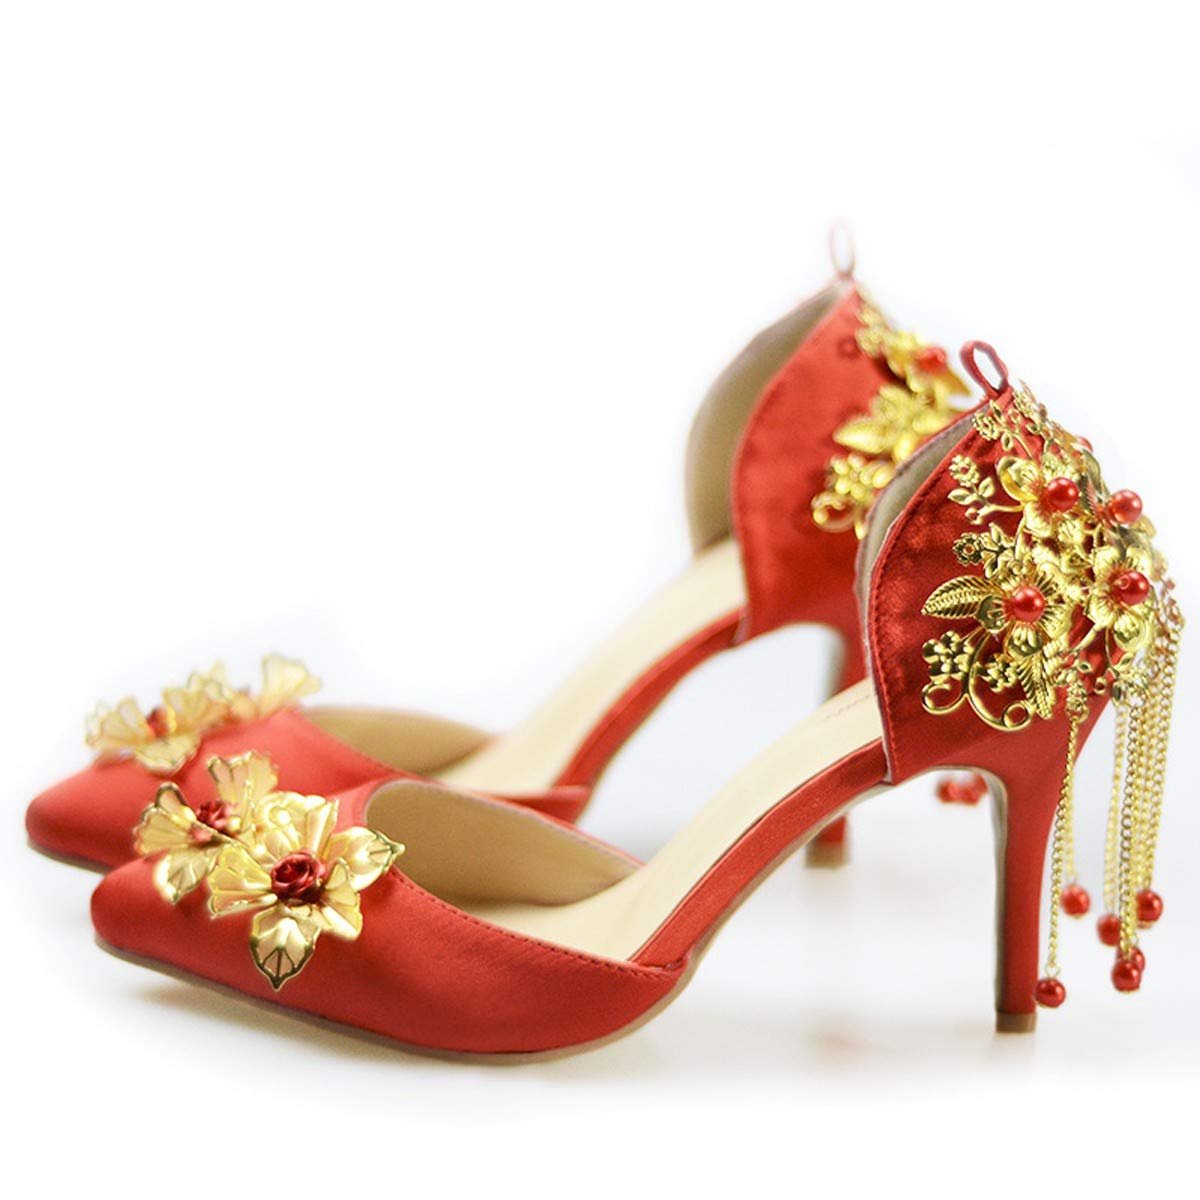 KPHY Damenschuhe/Hochzeit Schuhe Sandaleen Frauen - Einzel Fransen Rote Tipps